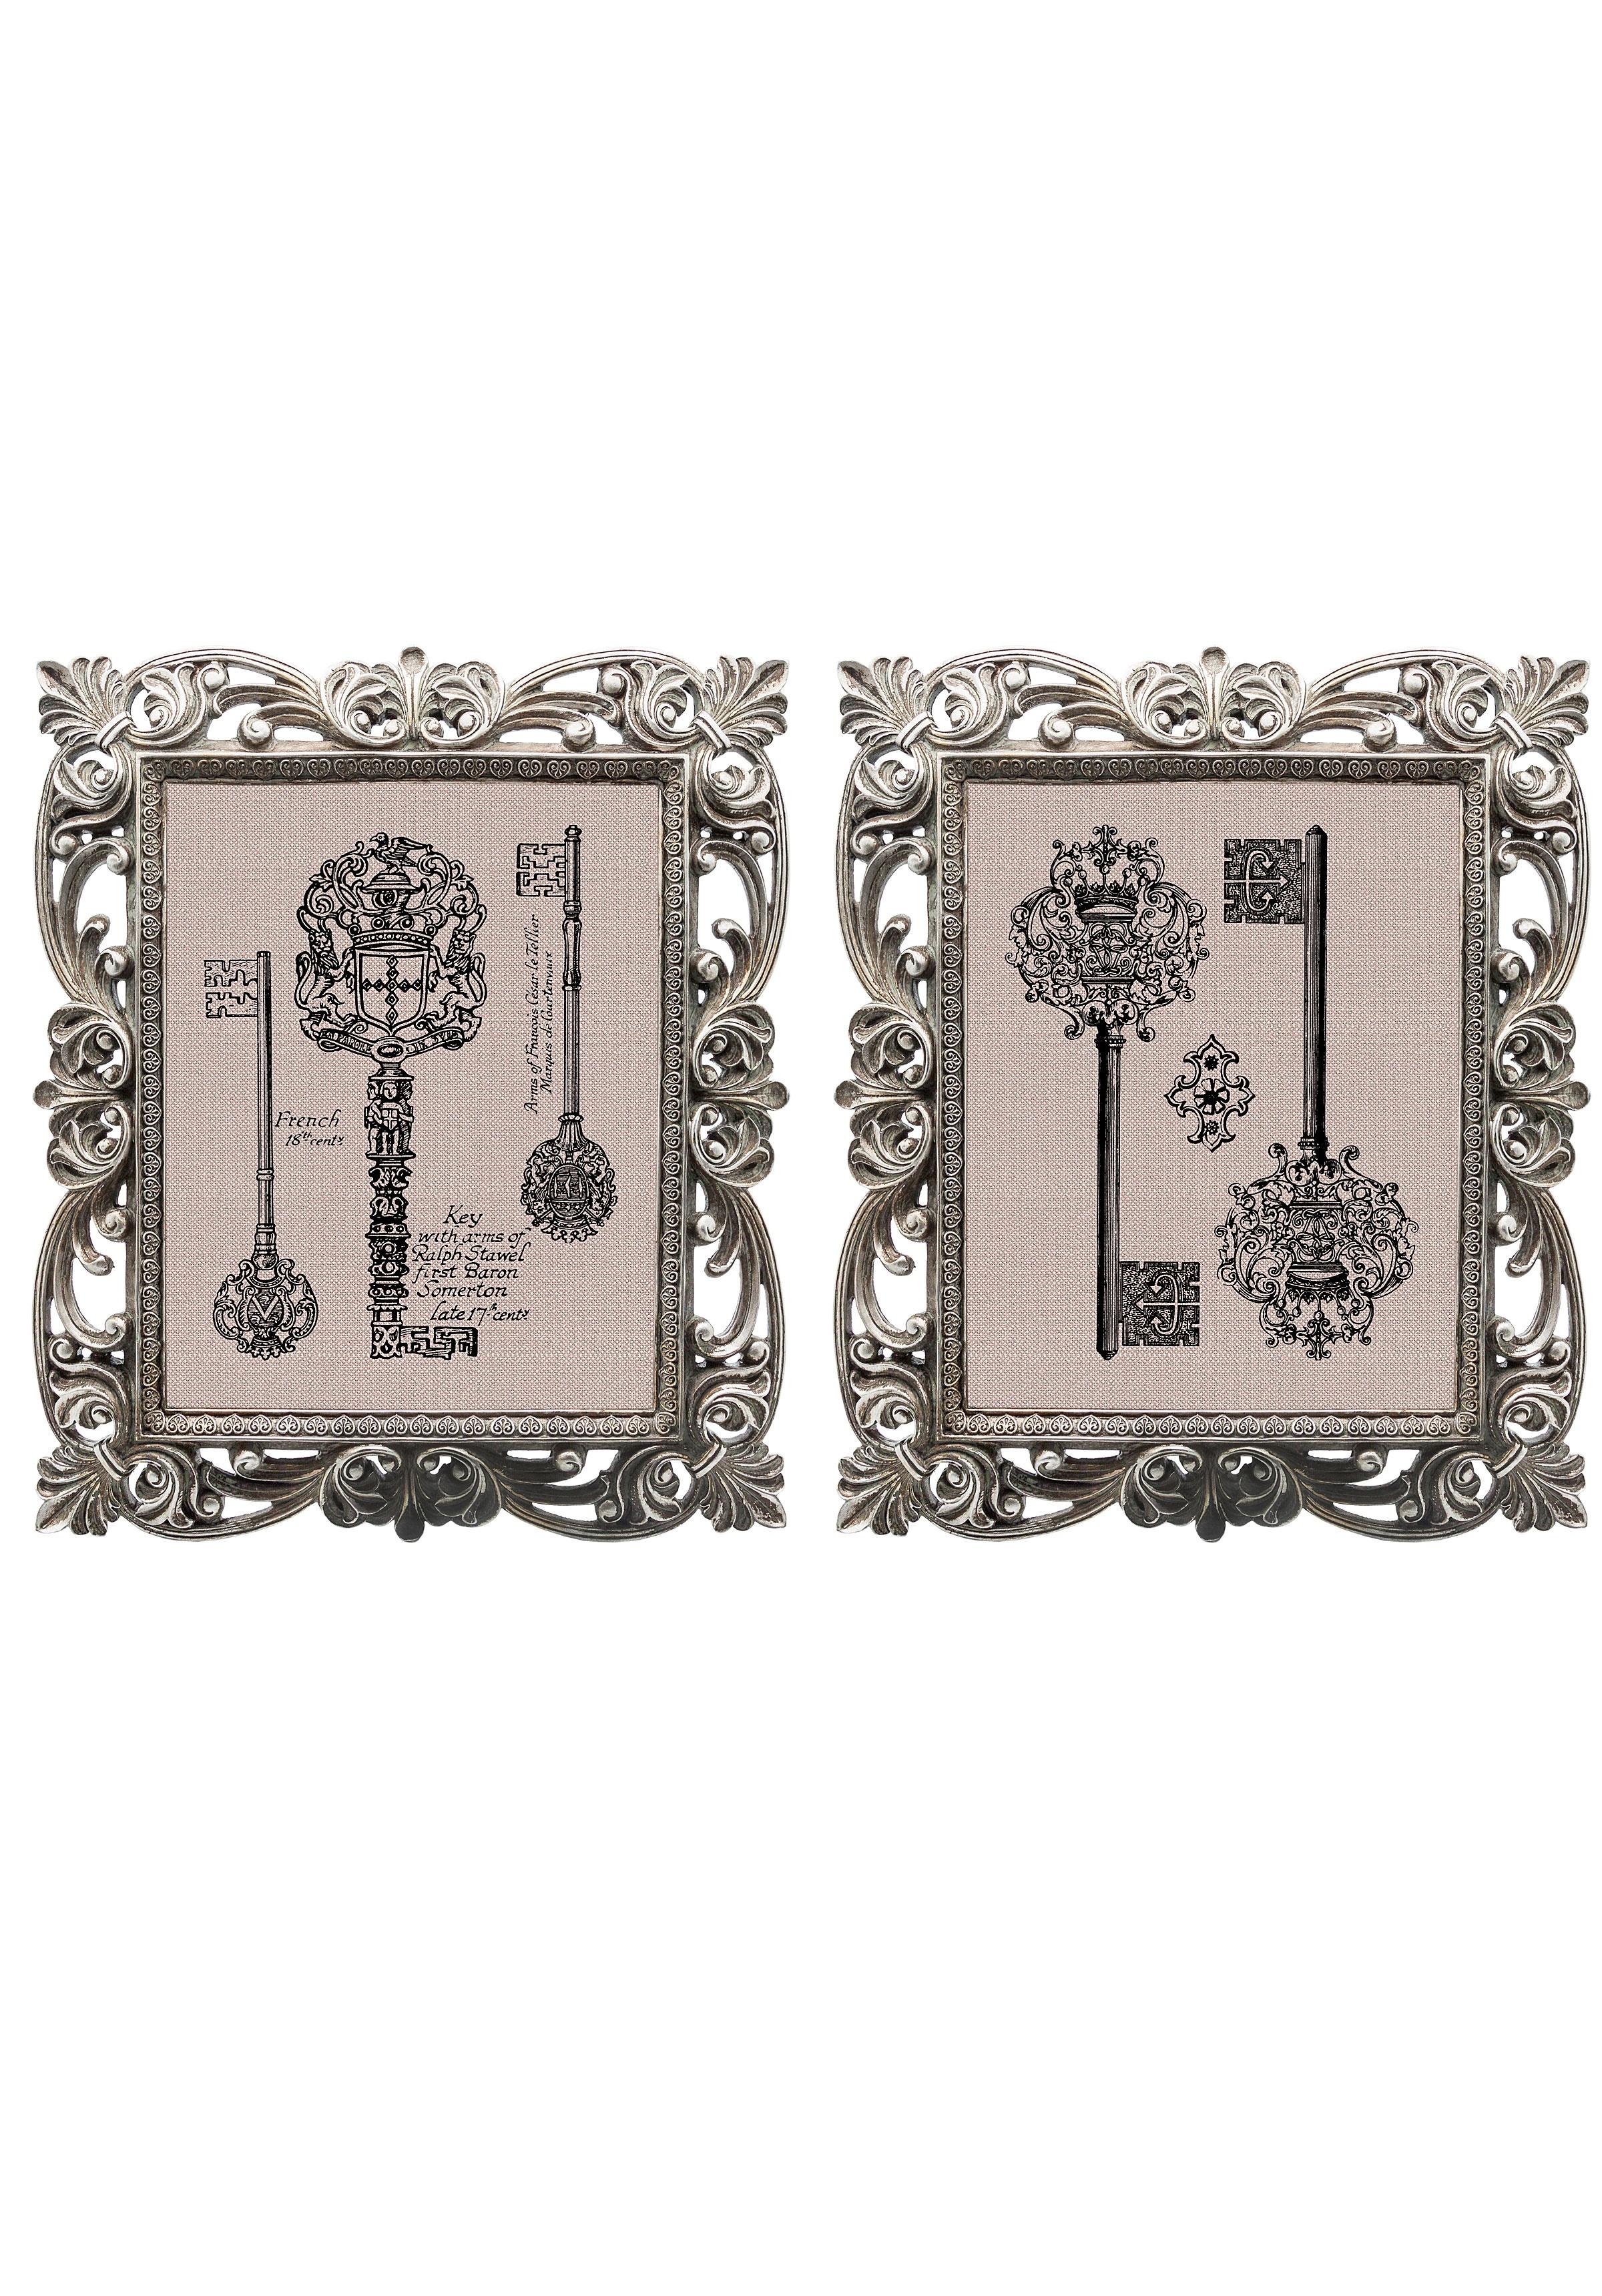 Набор из двух репродукций БеатрисКартины<br>&amp;lt;div&amp;gt;Набор винтажных изображений «Старинные часы» — это не только сентиментальное воспоминание о предметах и целых эпохах прошлого, — это еще и оригинальная деталь интерьера, которая поражает множеством элементов и эффектно смотрится в любом пространстве. Декорируйте свой дом с любовью, превращая обычный день в волшебный! Искусная техника состаривания придает рамам особую теплоту и винтажность. Благородная патина на поверхности рамы — интригующее приглашение к прогулке в мир старинных реликвий! Картины можно повесить на стену, а можно поставить, например, на стол или камин. Если Вам захочется обновить интерьер, Вы можете с легкостью заменить изображение картин!&amp;lt;/div&amp;gt;&amp;lt;div&amp;gt;&amp;lt;br&amp;gt;&amp;lt;/div&amp;gt;&amp;lt;div&amp;gt;Изображение - дизайнерская бумага; рама - искуственный камень; защитный слой - стекло&amp;amp;nbsp;&amp;lt;/div&amp;gt;&amp;lt;div&amp;gt;цвет:мультиколор&amp;amp;nbsp;&amp;lt;/div&amp;gt;<br><br>Material: Бумага<br>Width см: 30<br>Depth см: 2,3<br>Height см: 35